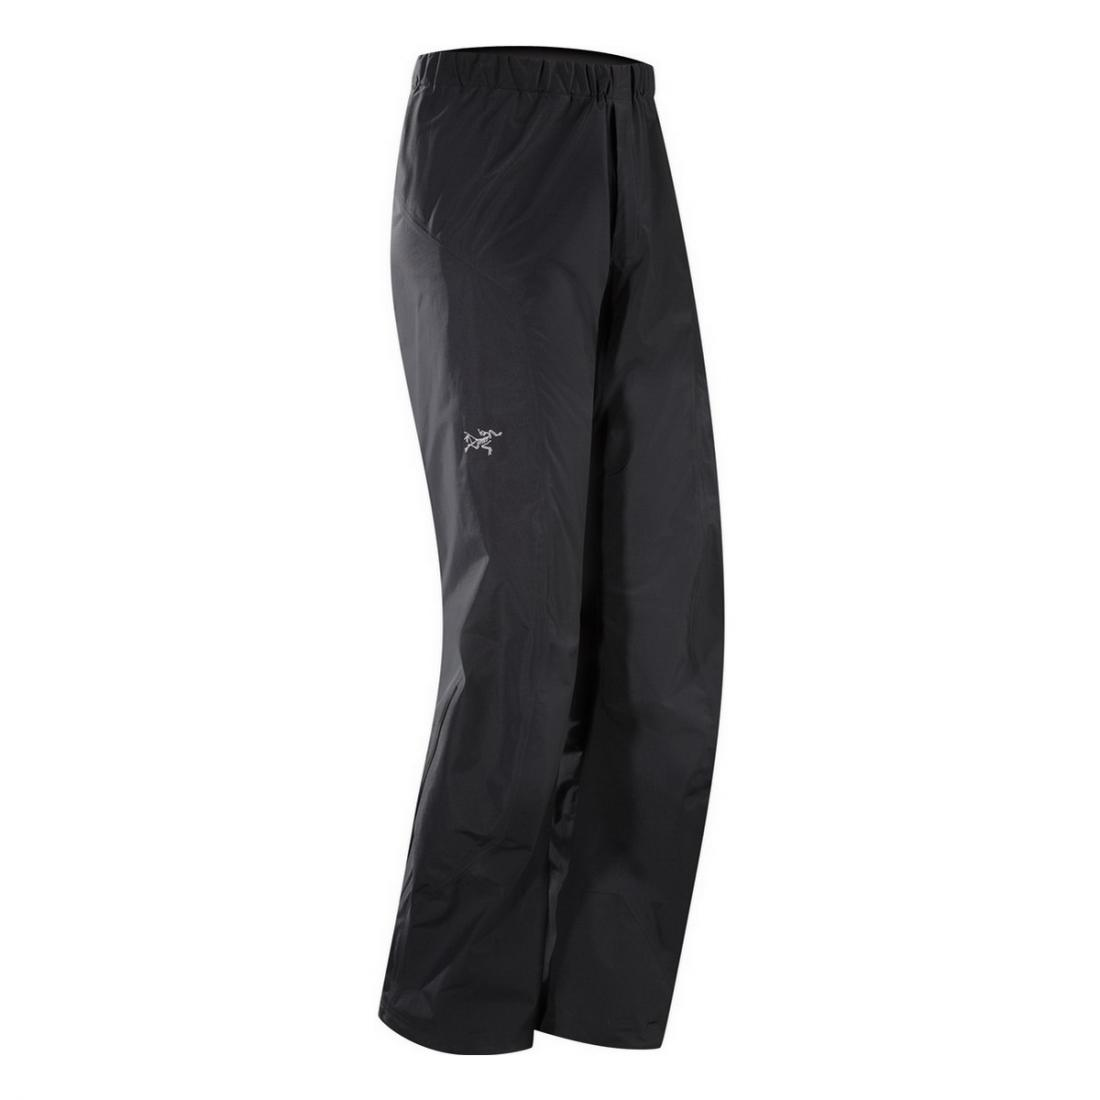 Брюки Beta SL муж.Брюки, штаны<br><br> Arcteryx Beta SL – мужские легкие брюки, которые надежно защищают от непогоды. Они предназначены для тех, кто предпочитает активный отдых на в...<br><br>Цвет: Темно-серый<br>Размер: XL